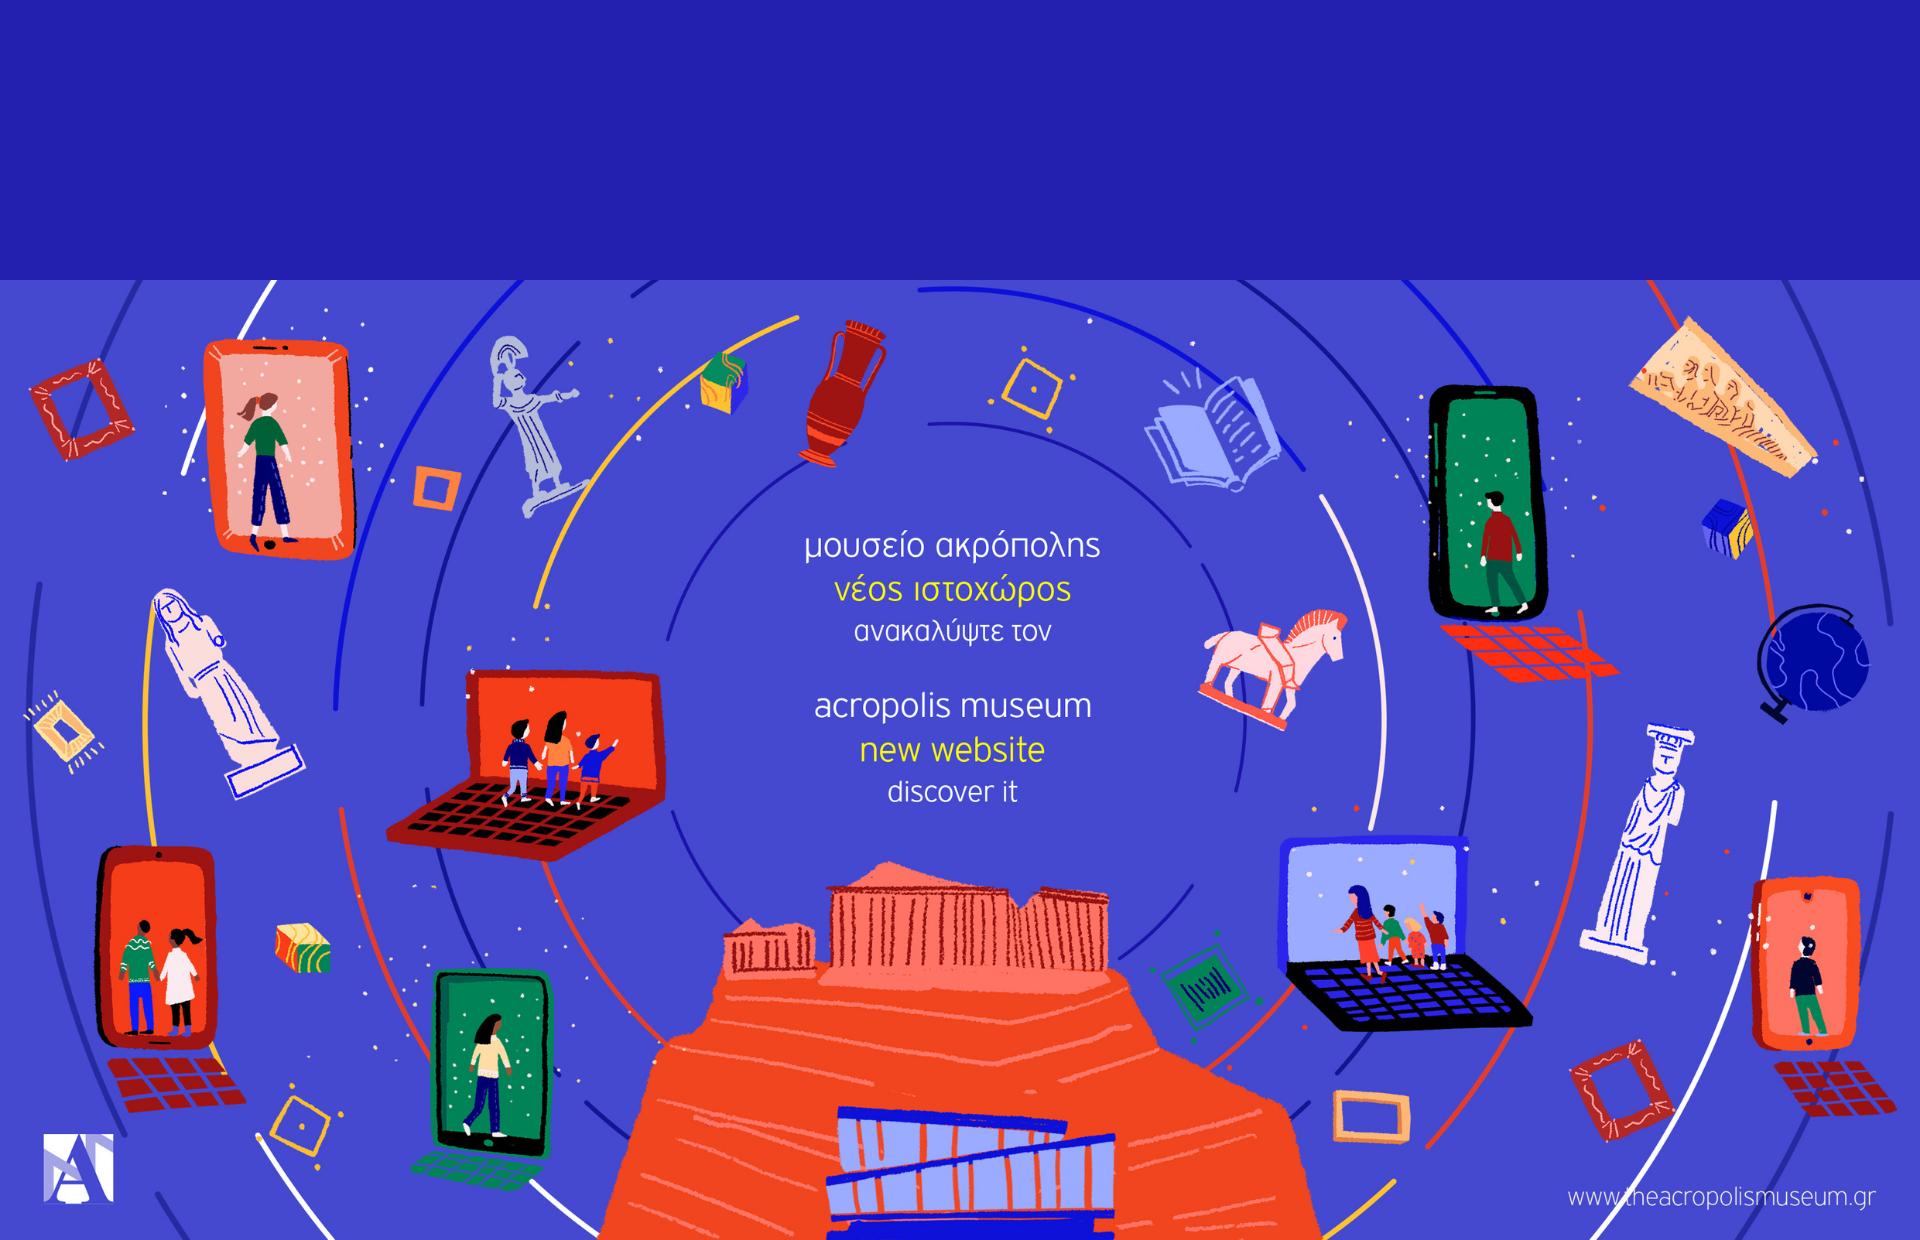 Ψηφιακό Μουσείο Ακρόπολης, ένας νέος κόσμος